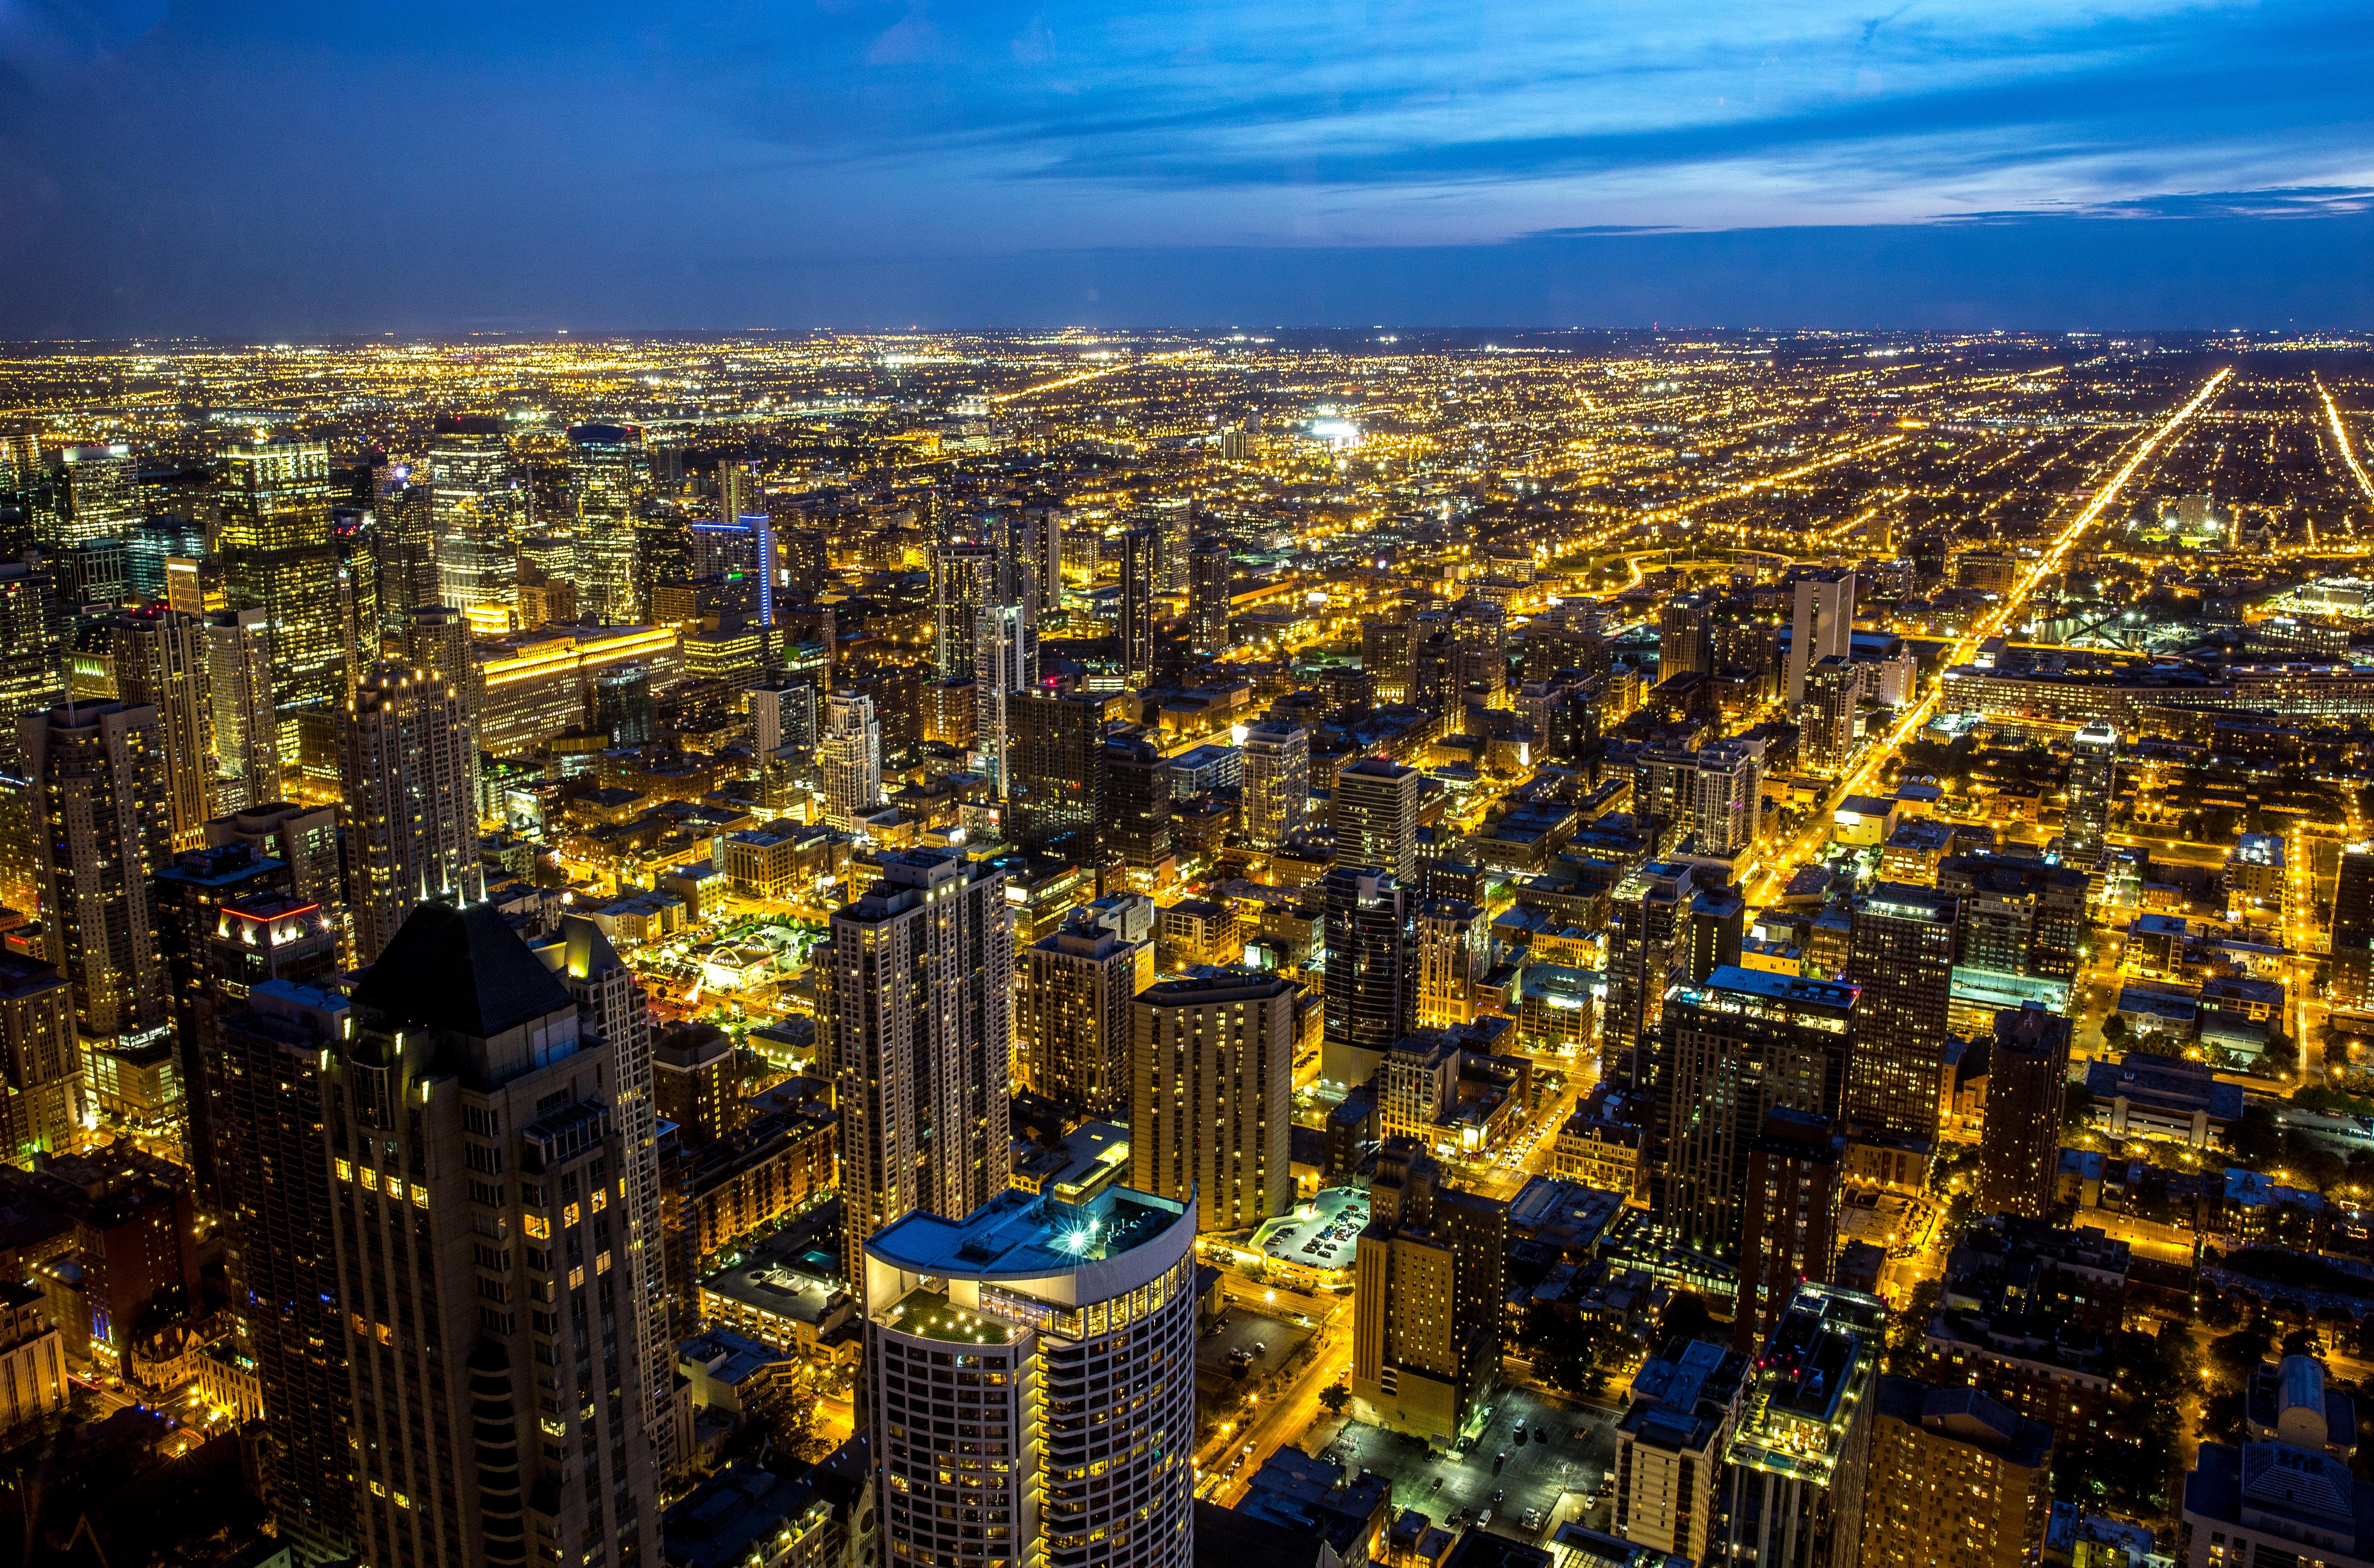 146662壁紙のダウンロード夜の街, ナイトシティ, 高層ビル, 高 層 ビル, 建物, ライト, 上から見る, アーキテクチャ, 都市-スクリーンセーバーと写真を無料で